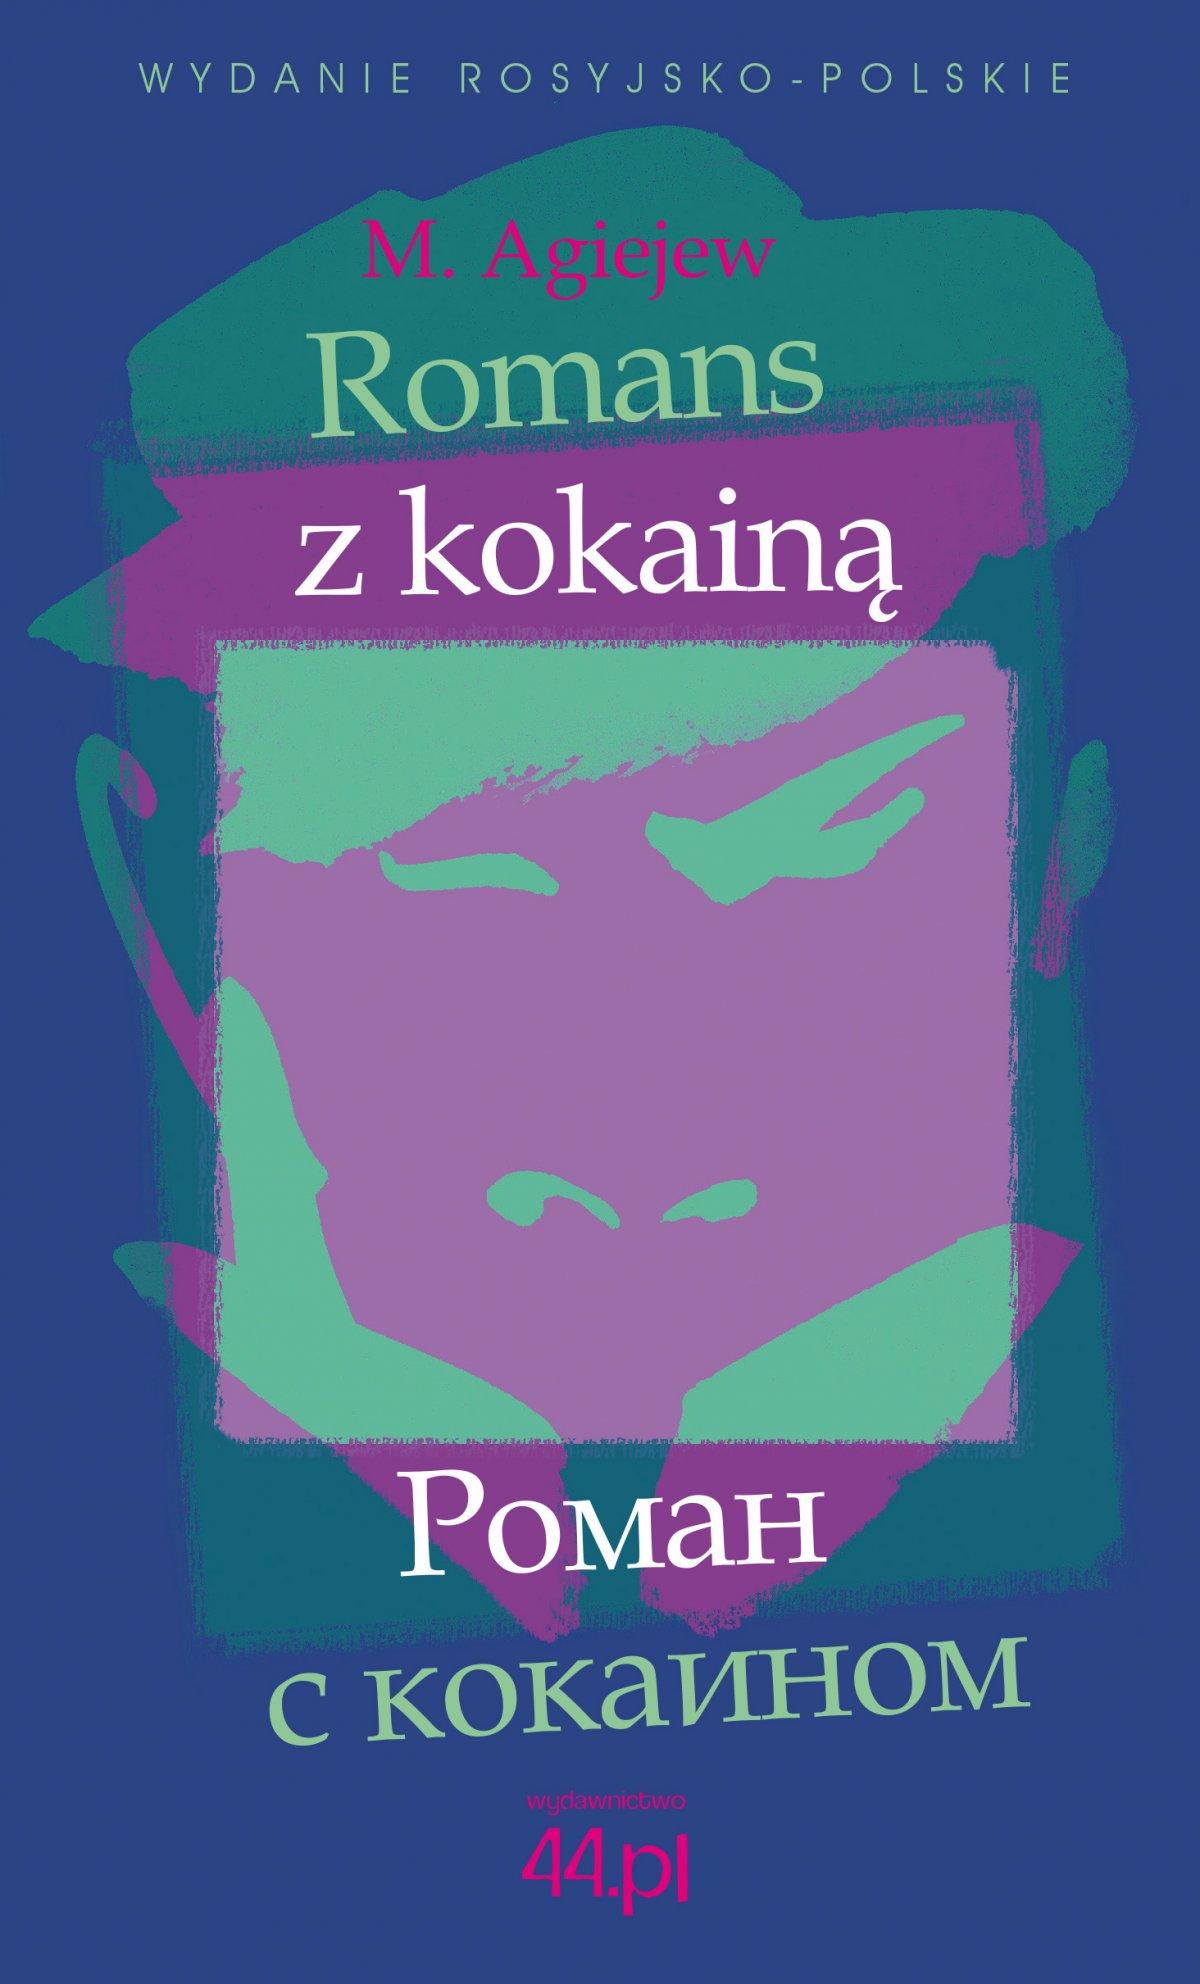 Romans z kokainą. Роман с кокаином - Ebook (Książka EPUB) do pobrania w formacie EPUB